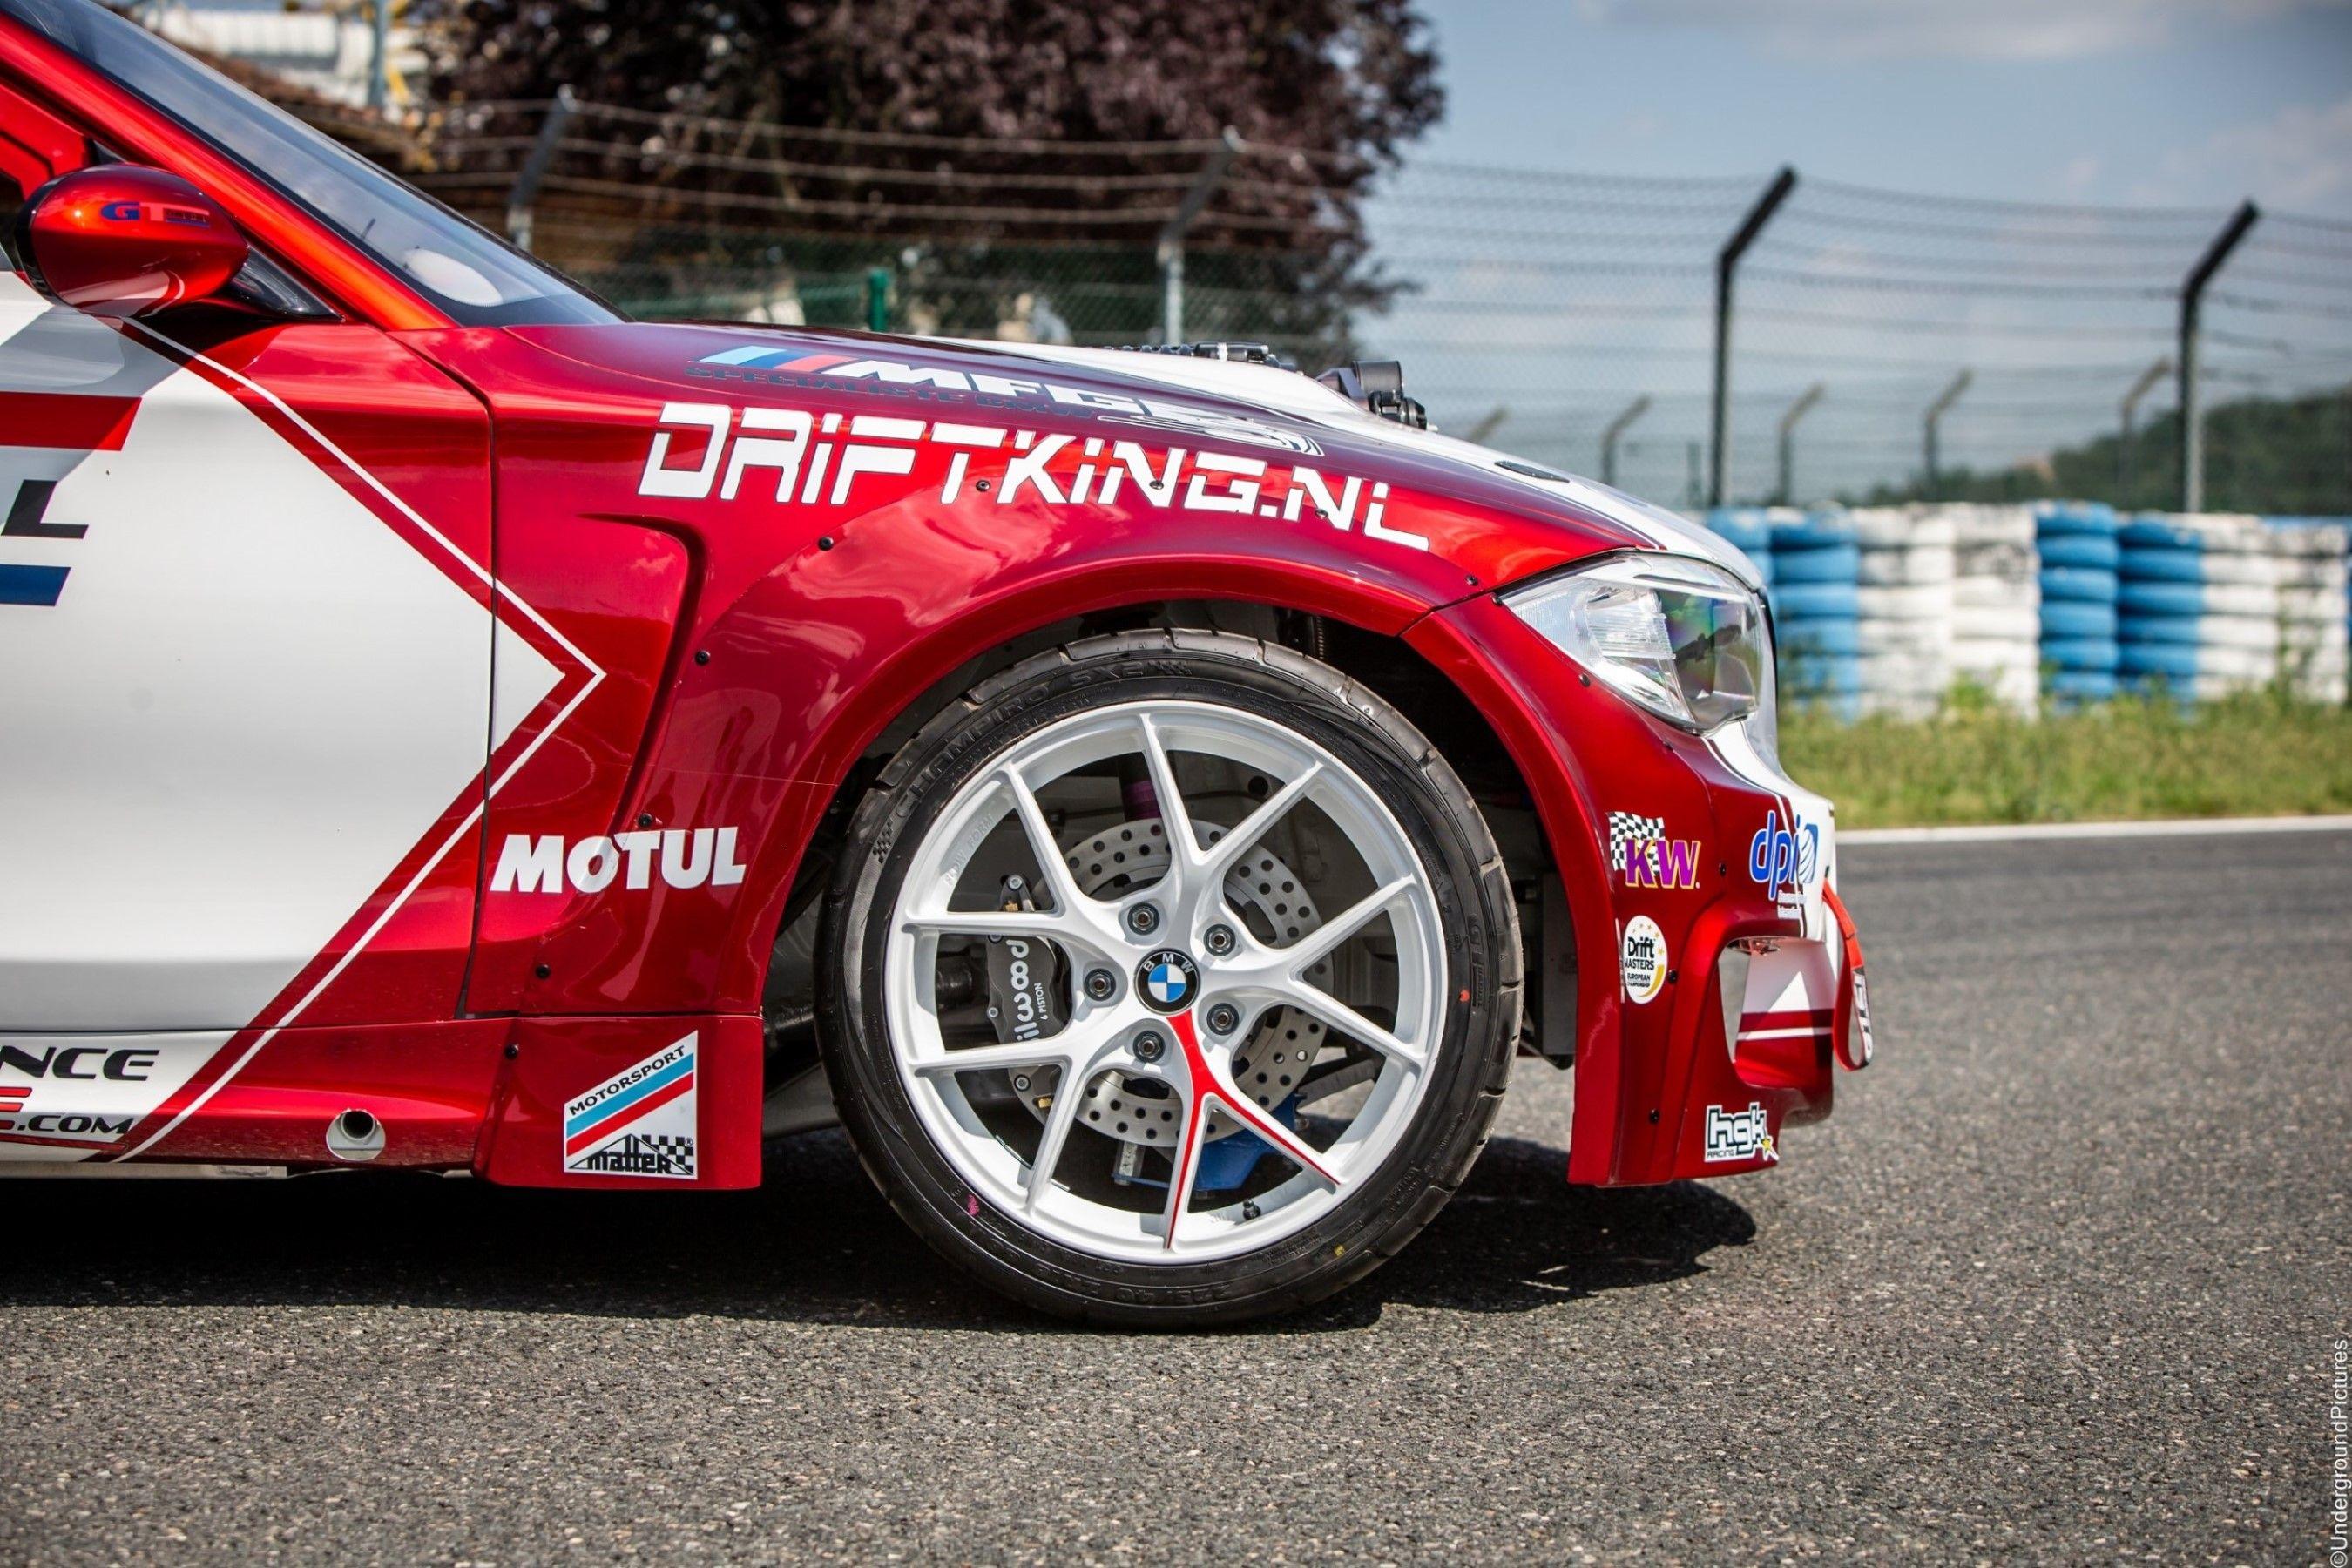 Fotografia Neumáticos GT Radial Champiro SX2 en el nuevo vehículo